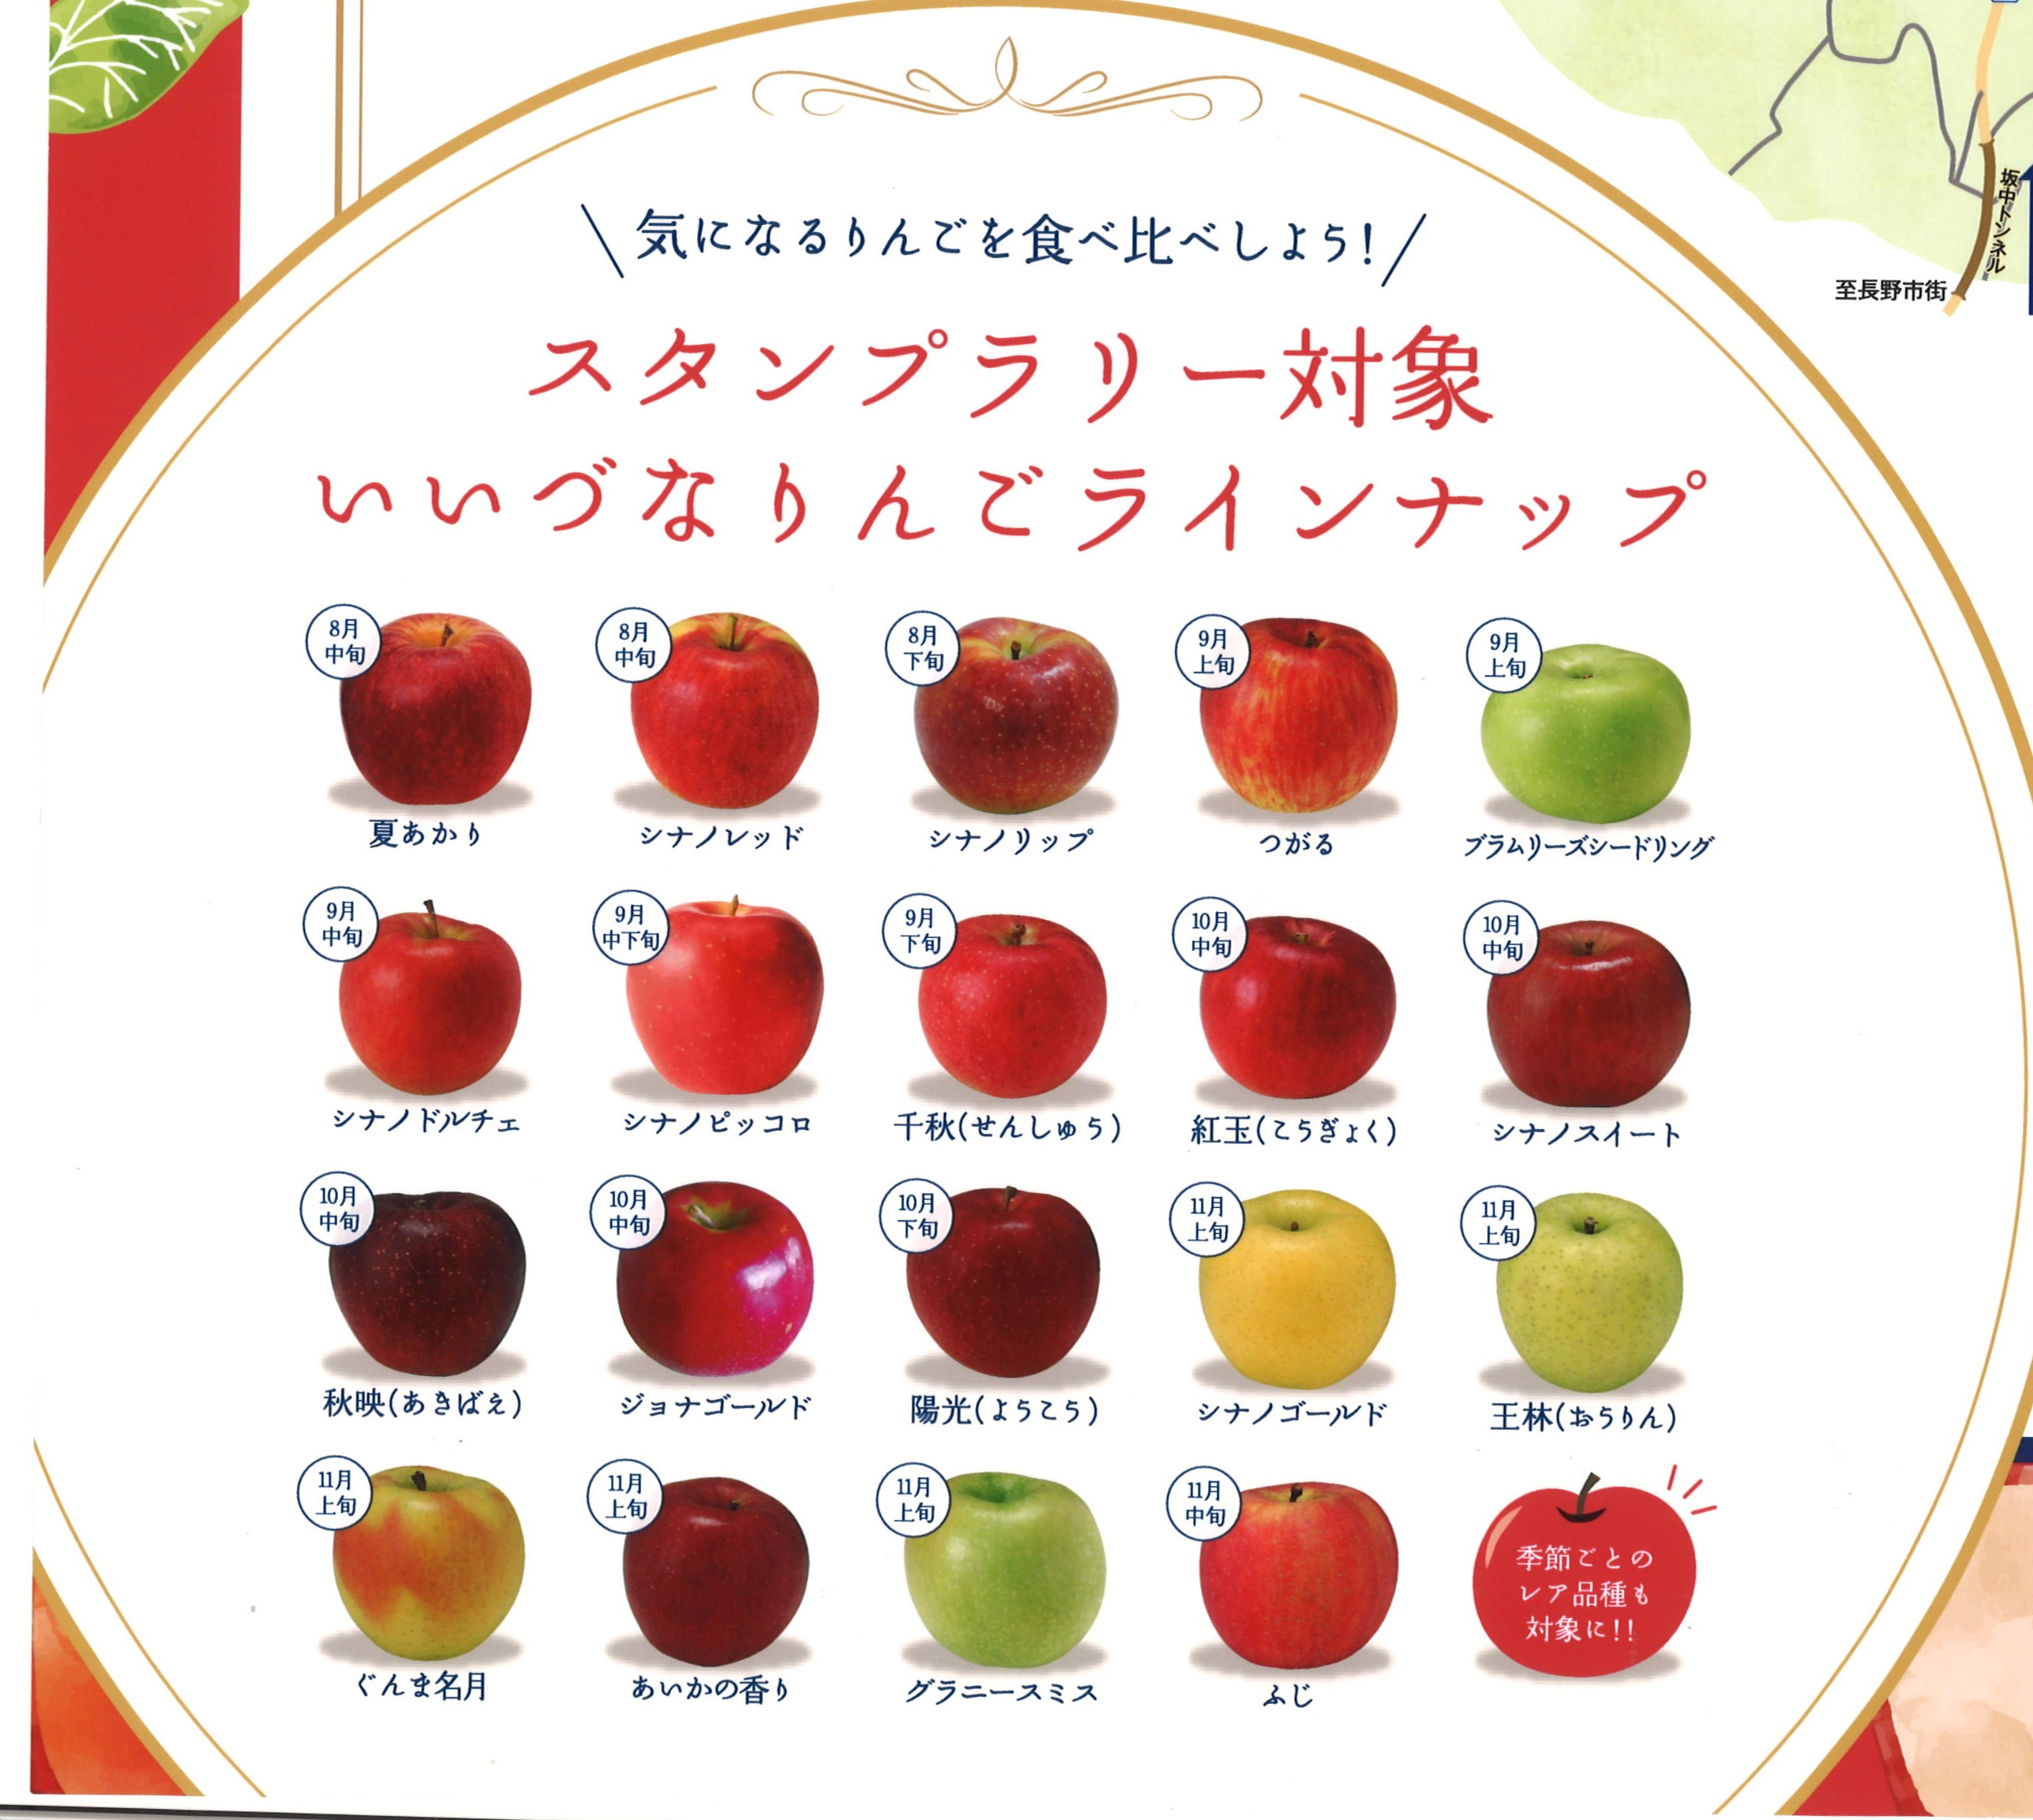 りんご食べ比べスタンプラリー